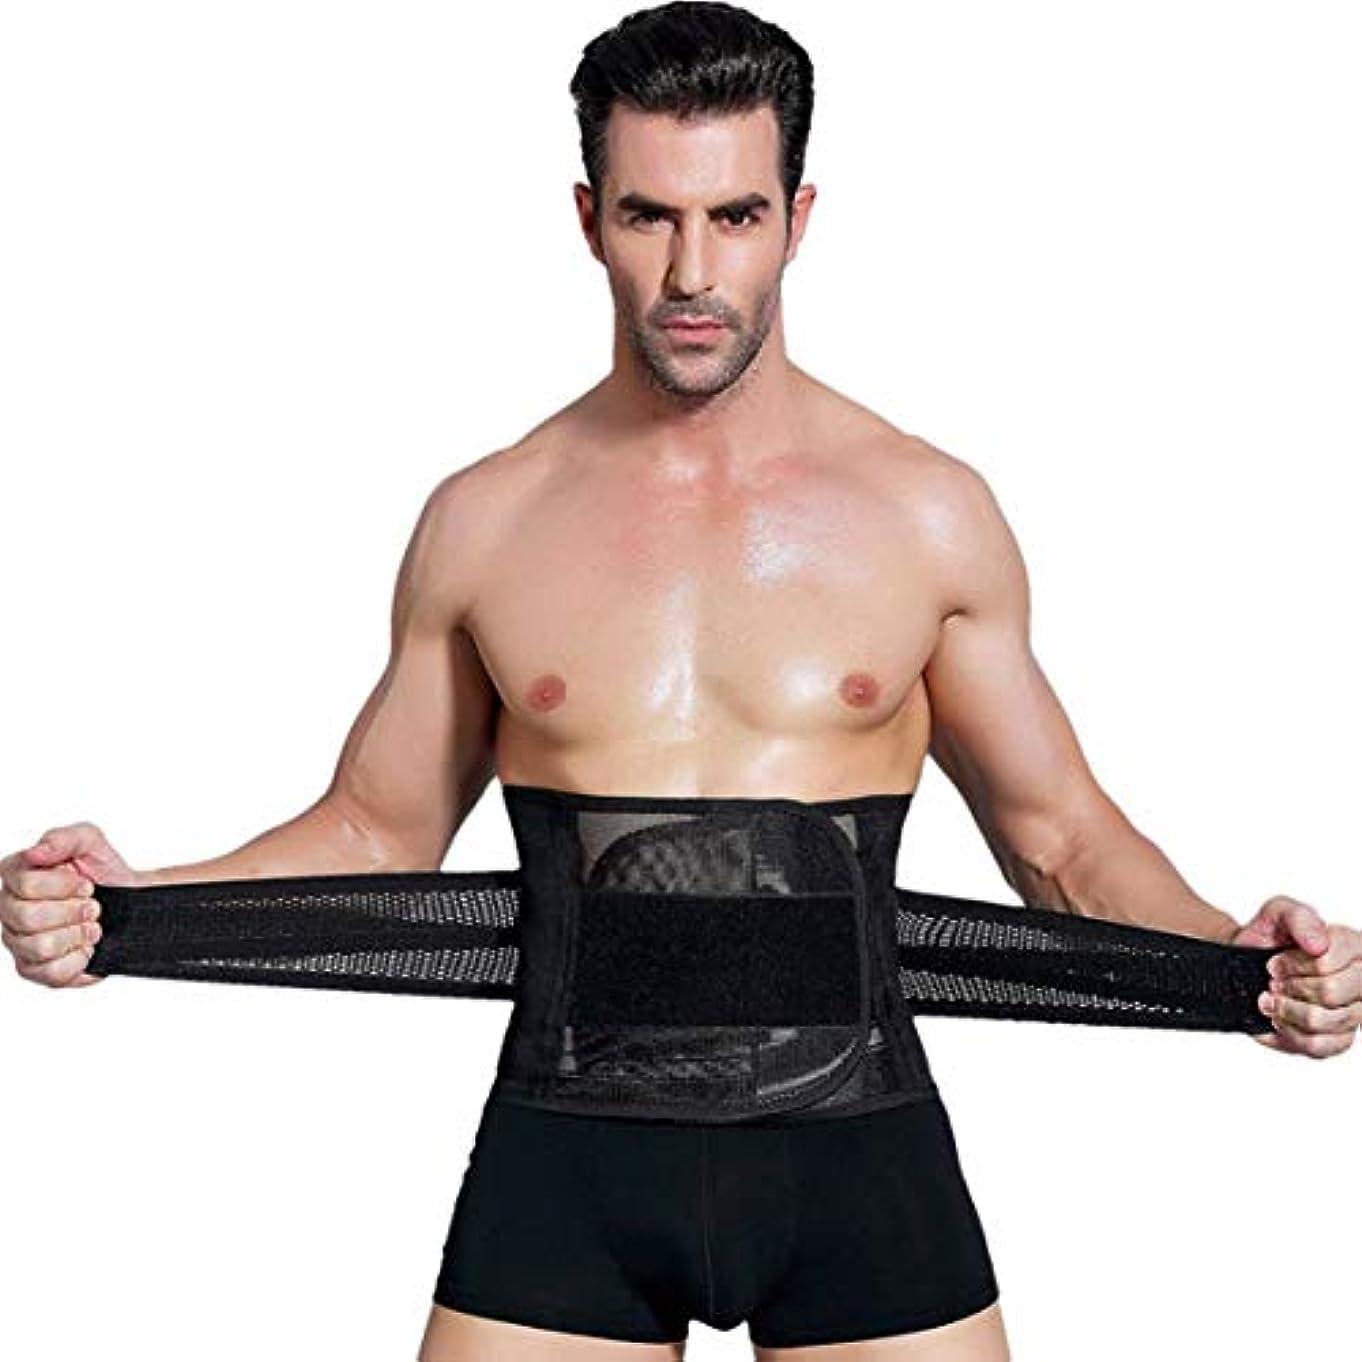 織るご近所側溝男性ボディシェイパーコルセット腹部おなかコントロールウエストトレーナーニッパー脂肪燃焼ガードル痩身腹ベルト用男性 - ブラックXXL